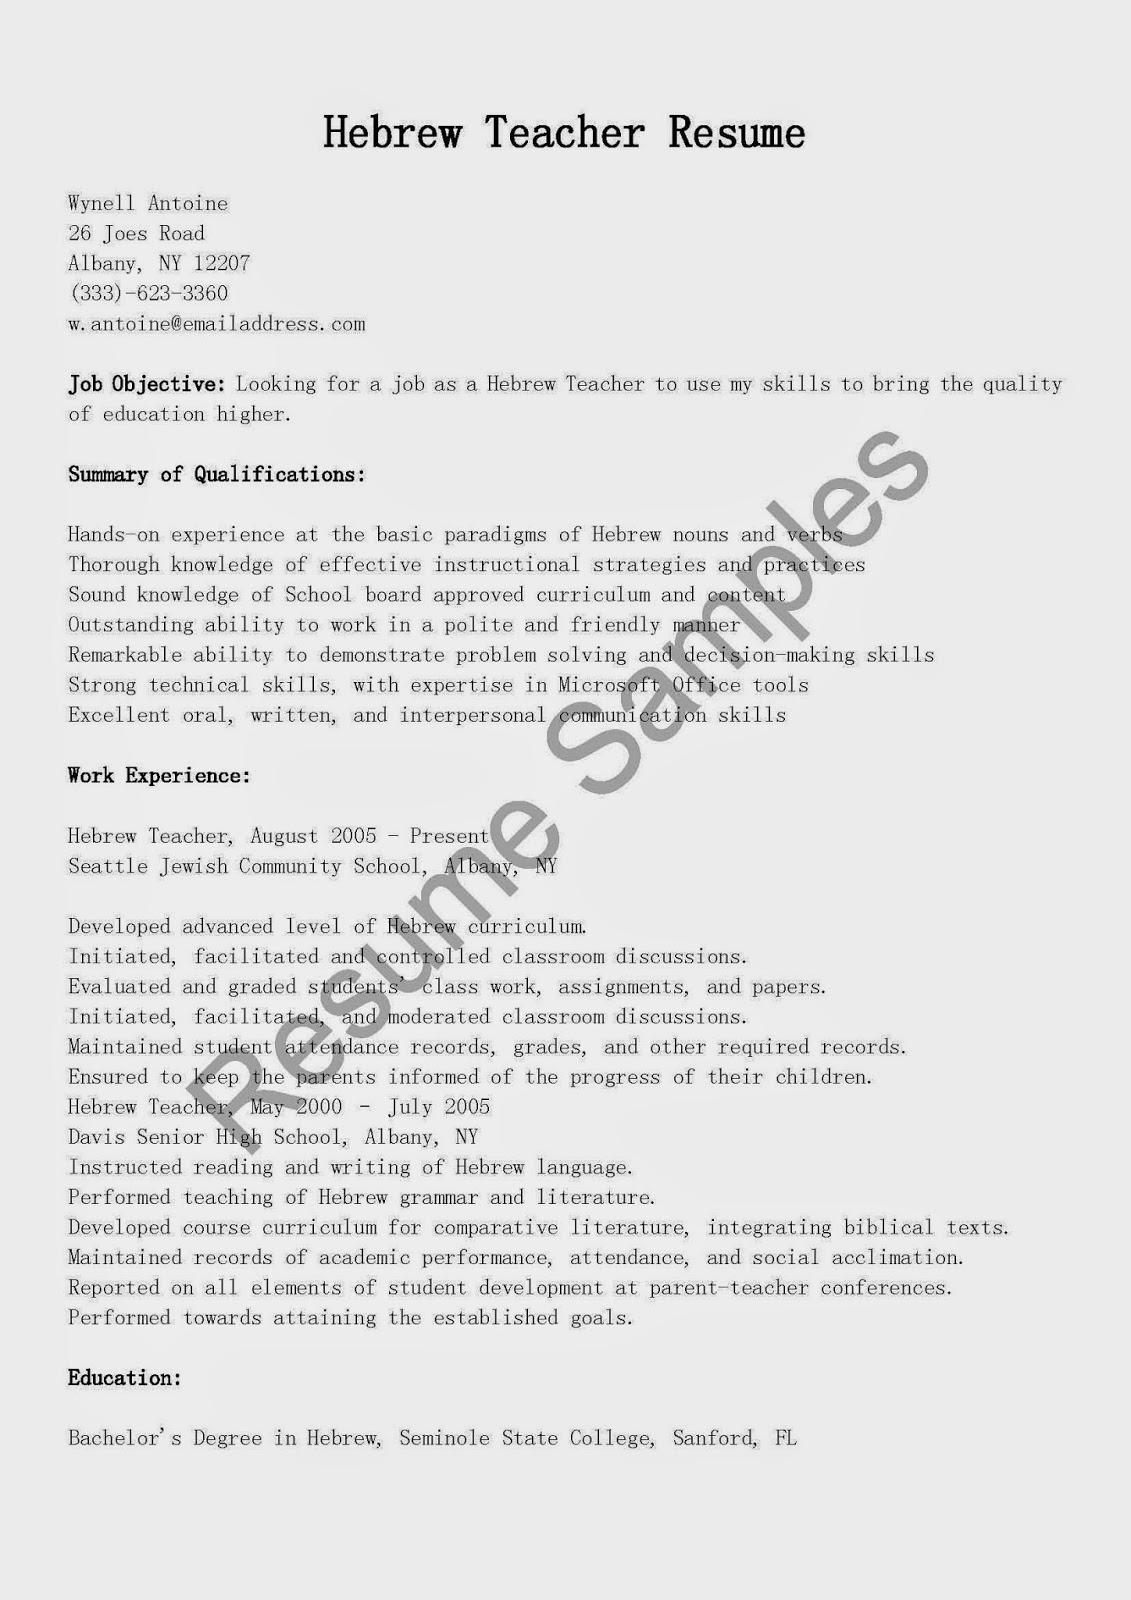 resume samples  hebrew teacher resume sample